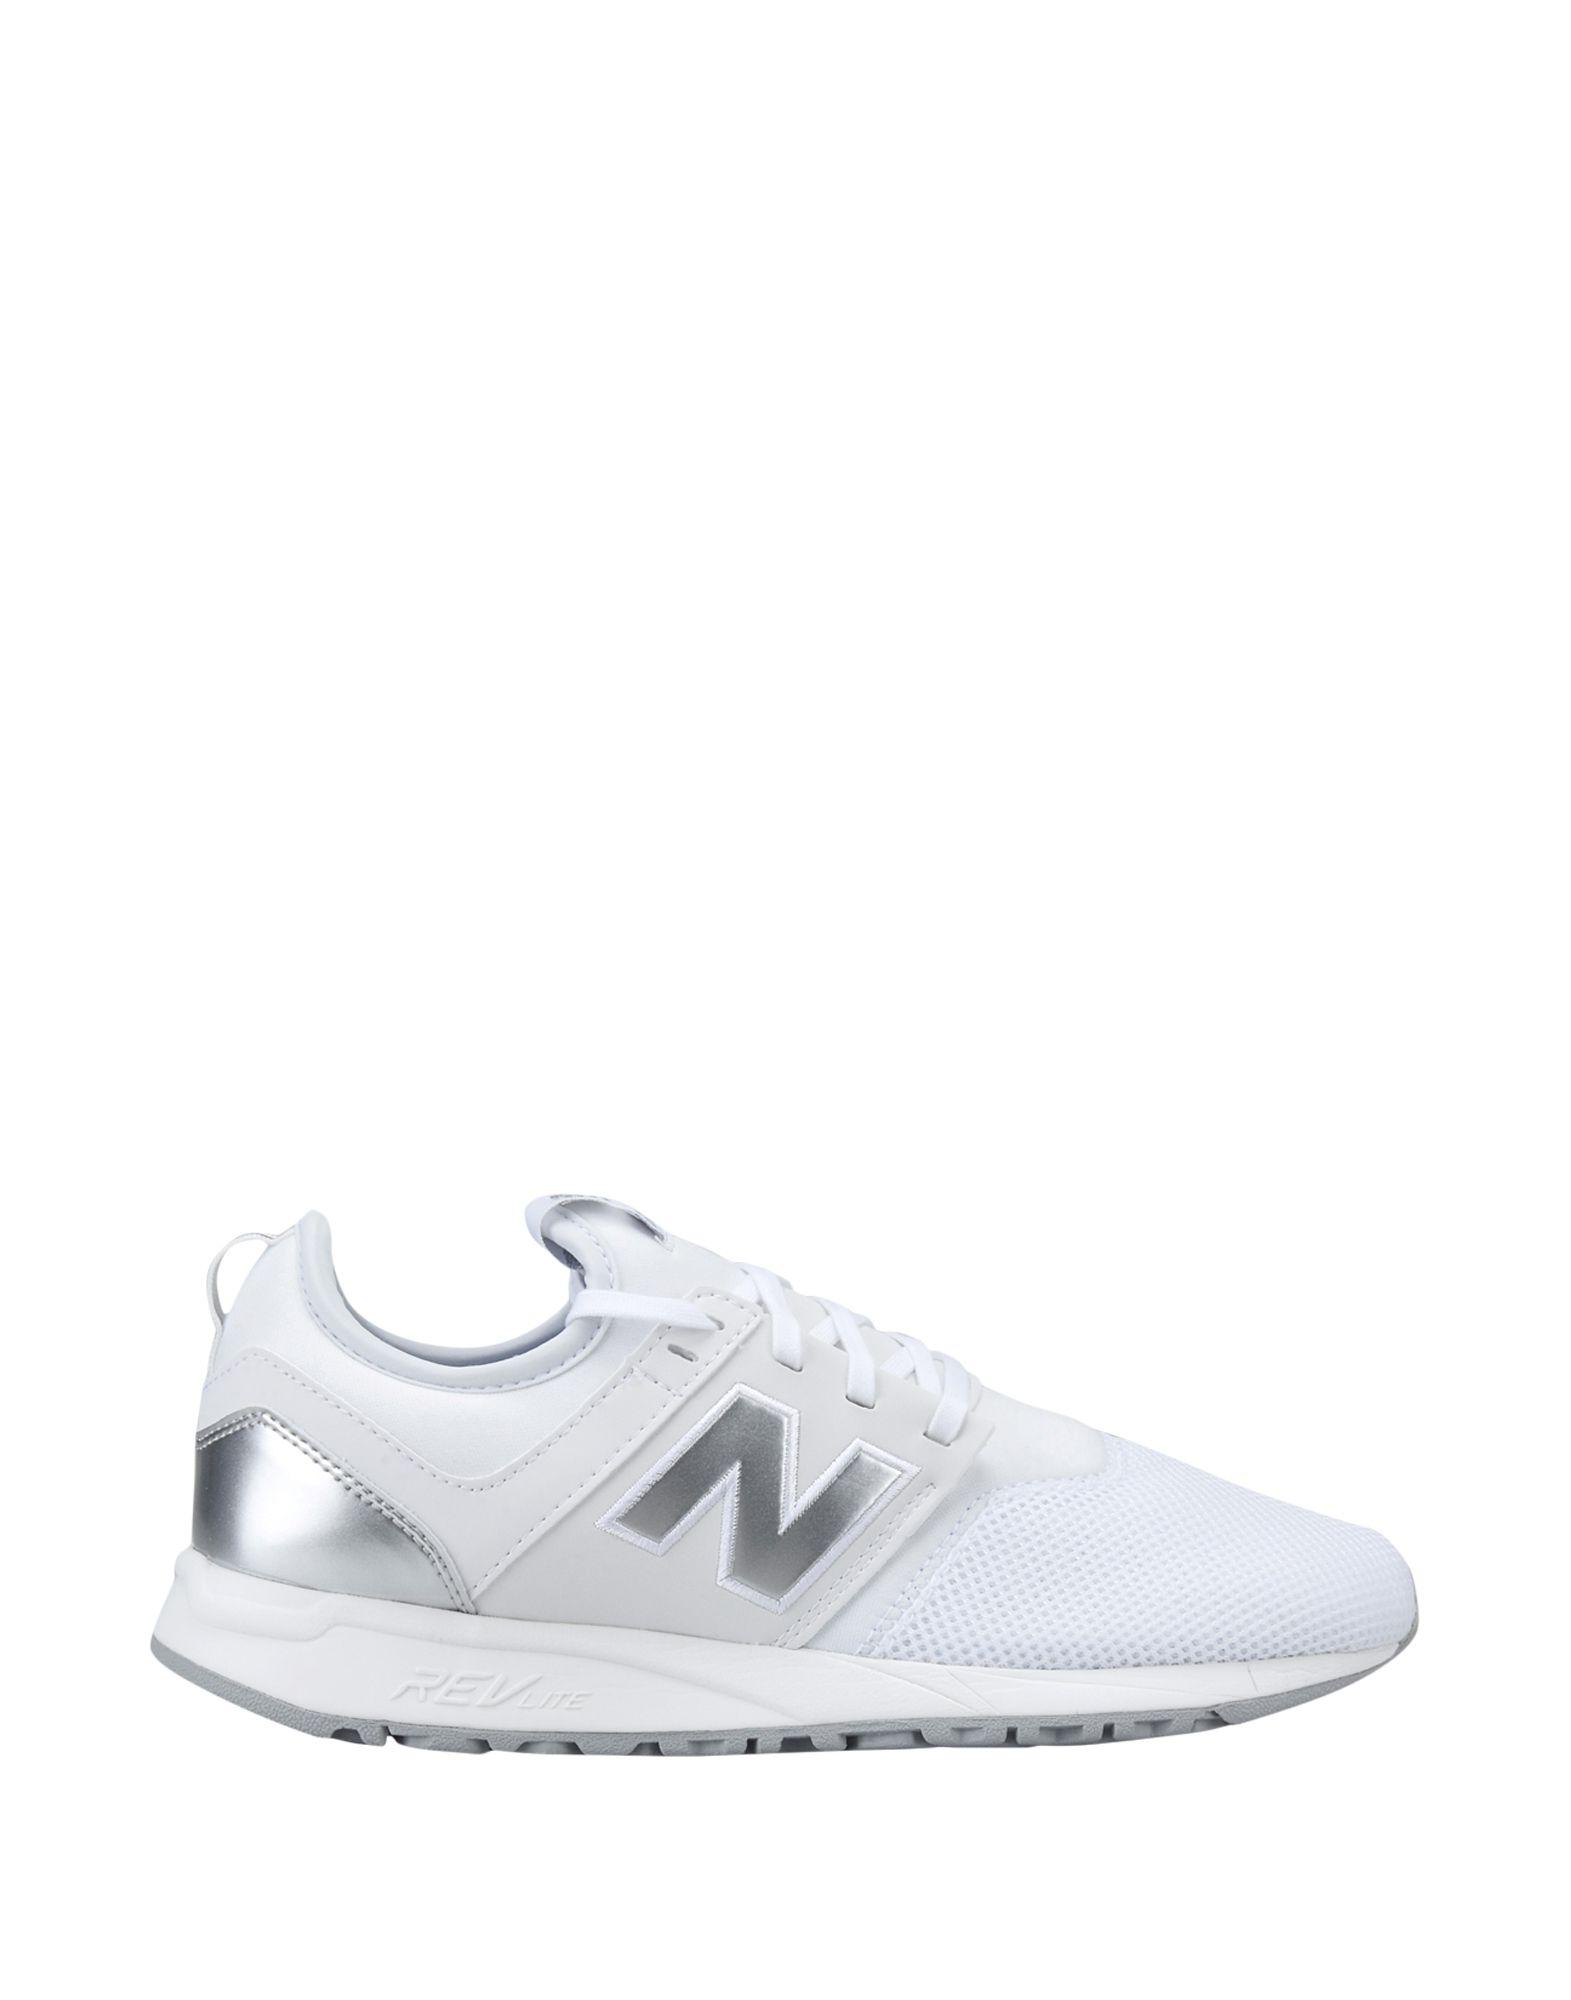 New Balance 247 Qualität White Silver Pack  11264701DF Gute Qualität 247 beliebte Schuhe afda09